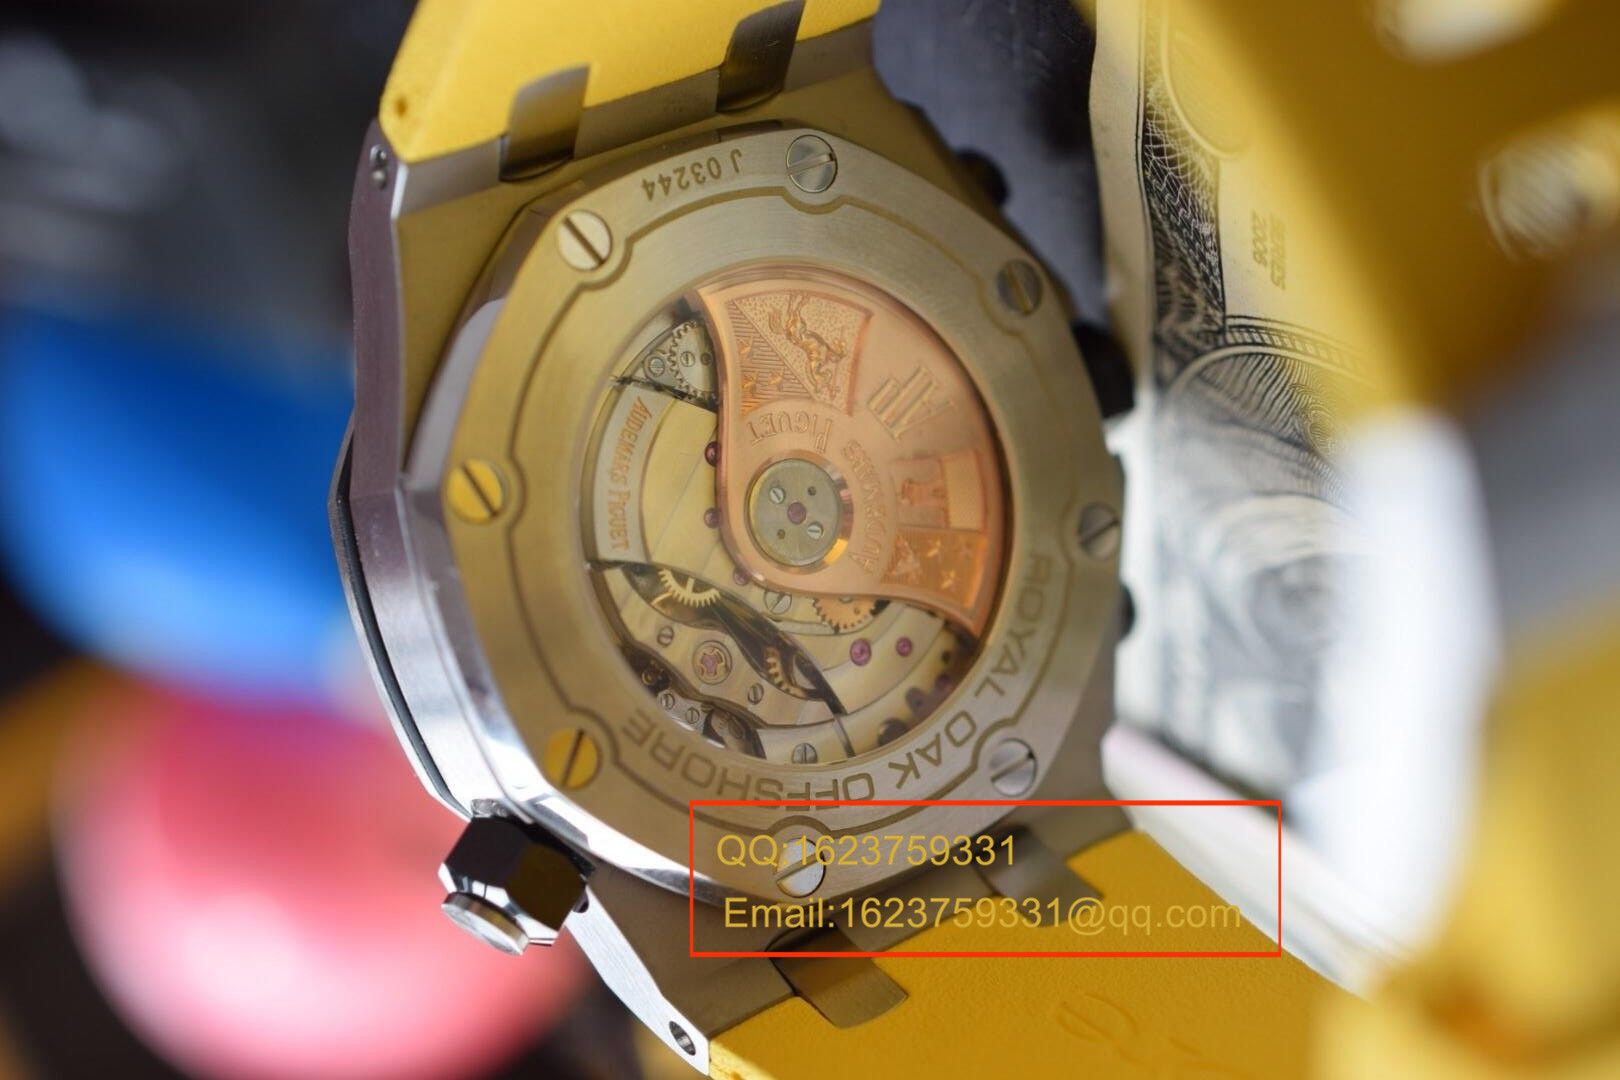 【视频解析】JF厂1:1精仿手表之爱彼皇家橡树离岸型系列26703ST.OO.A051CA.01机械男表